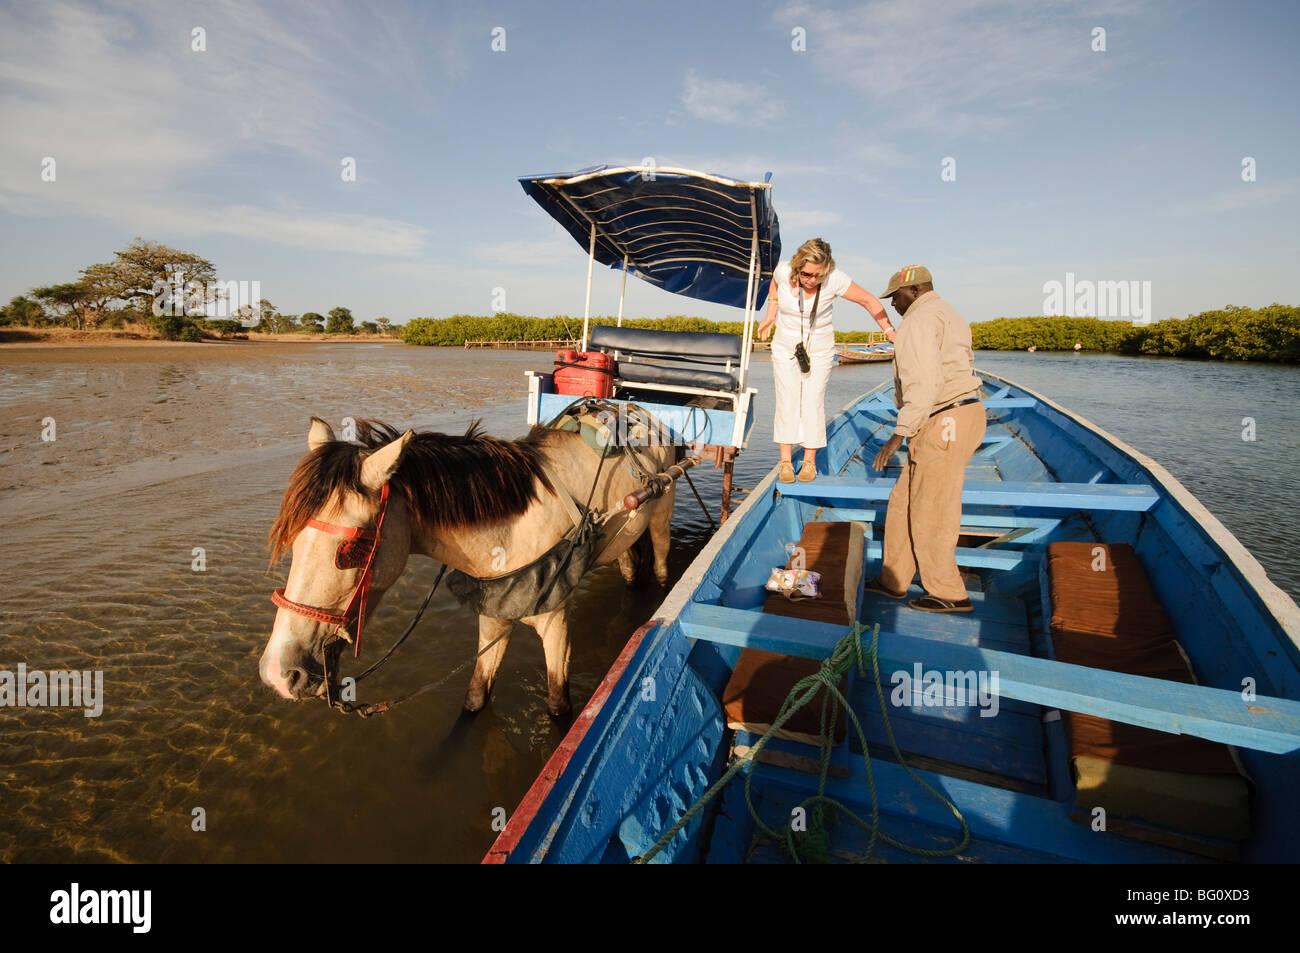 Entrega de pasajeros en piragua o embarcación de pesca en los remansos del Sine Saloum delta, Senegal, África Imagen De Stock